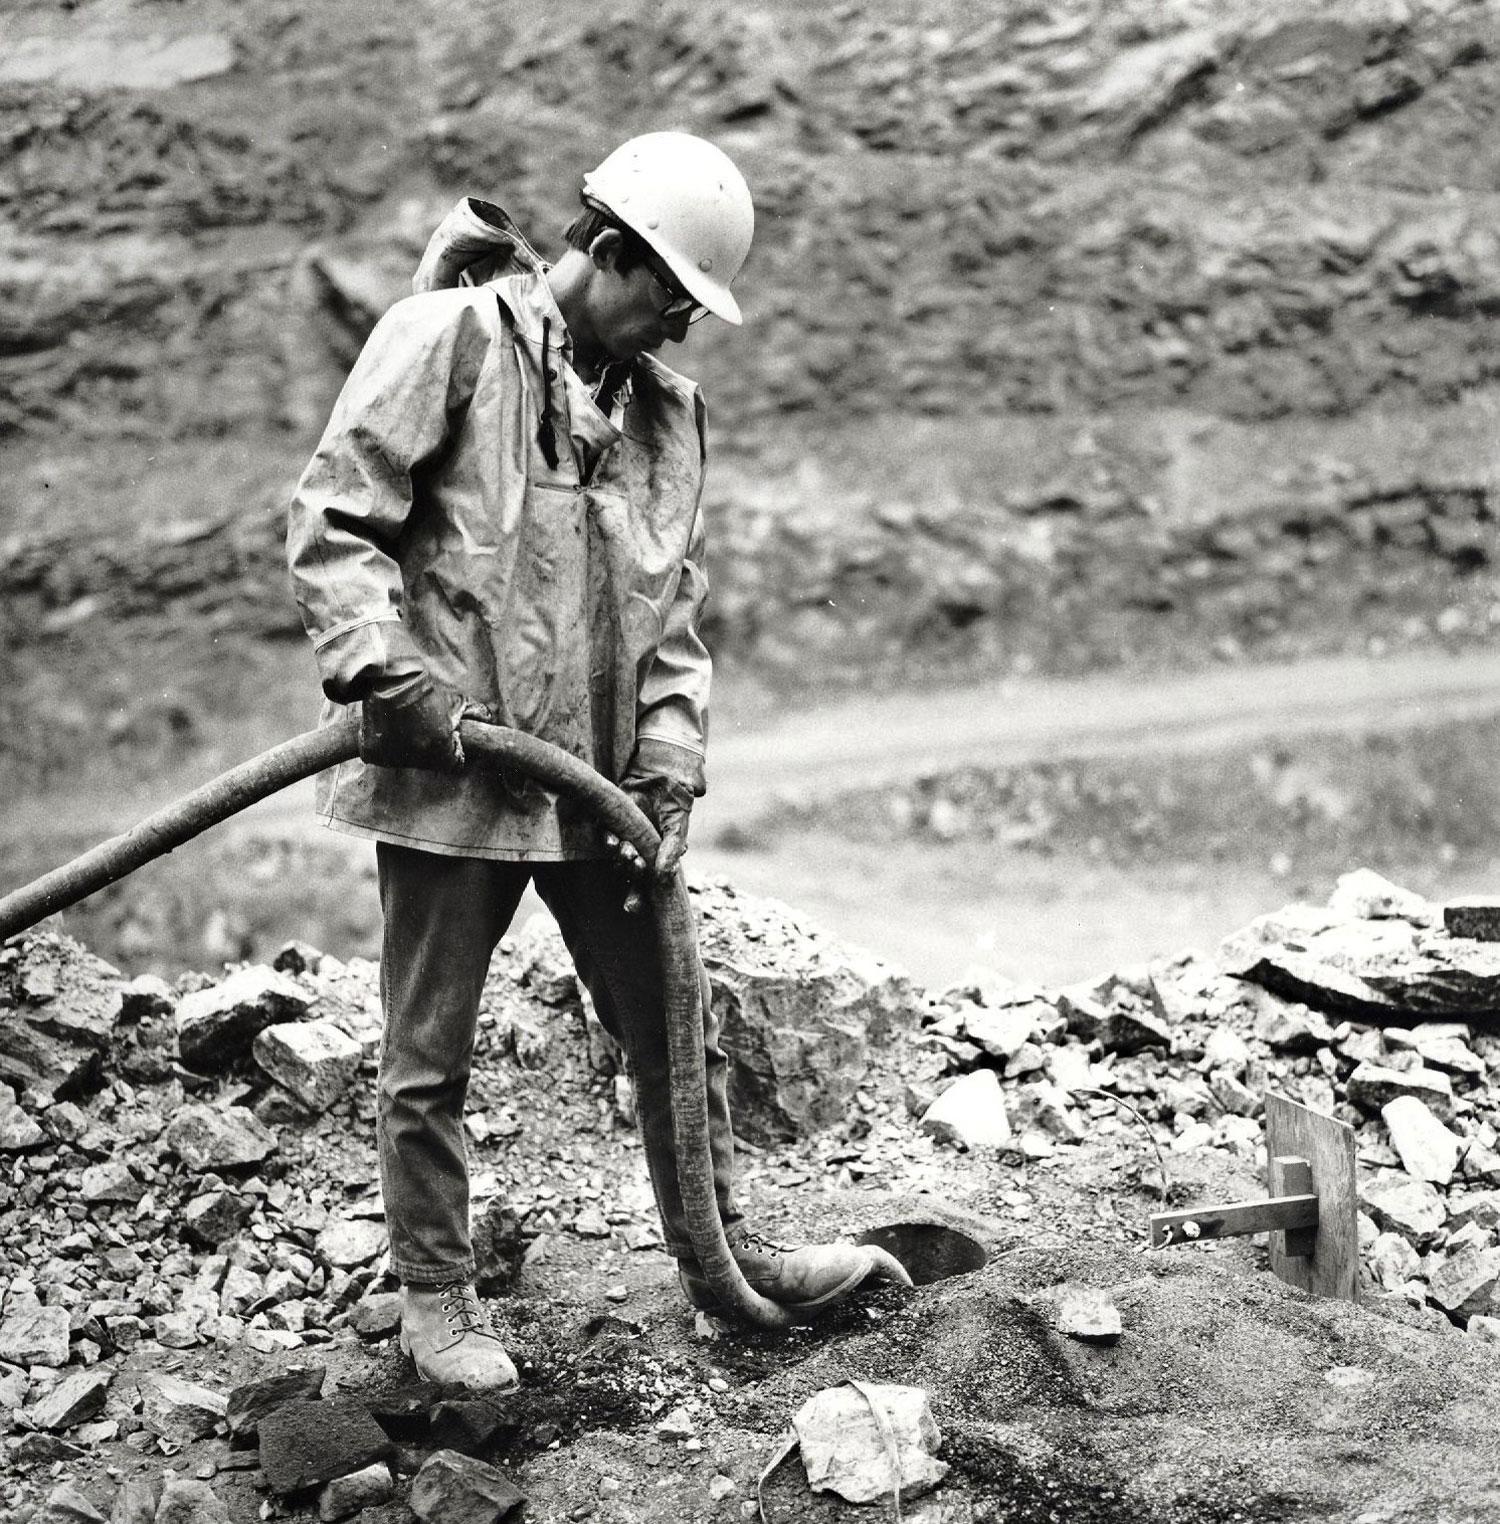 Marmorton Mine  explosives